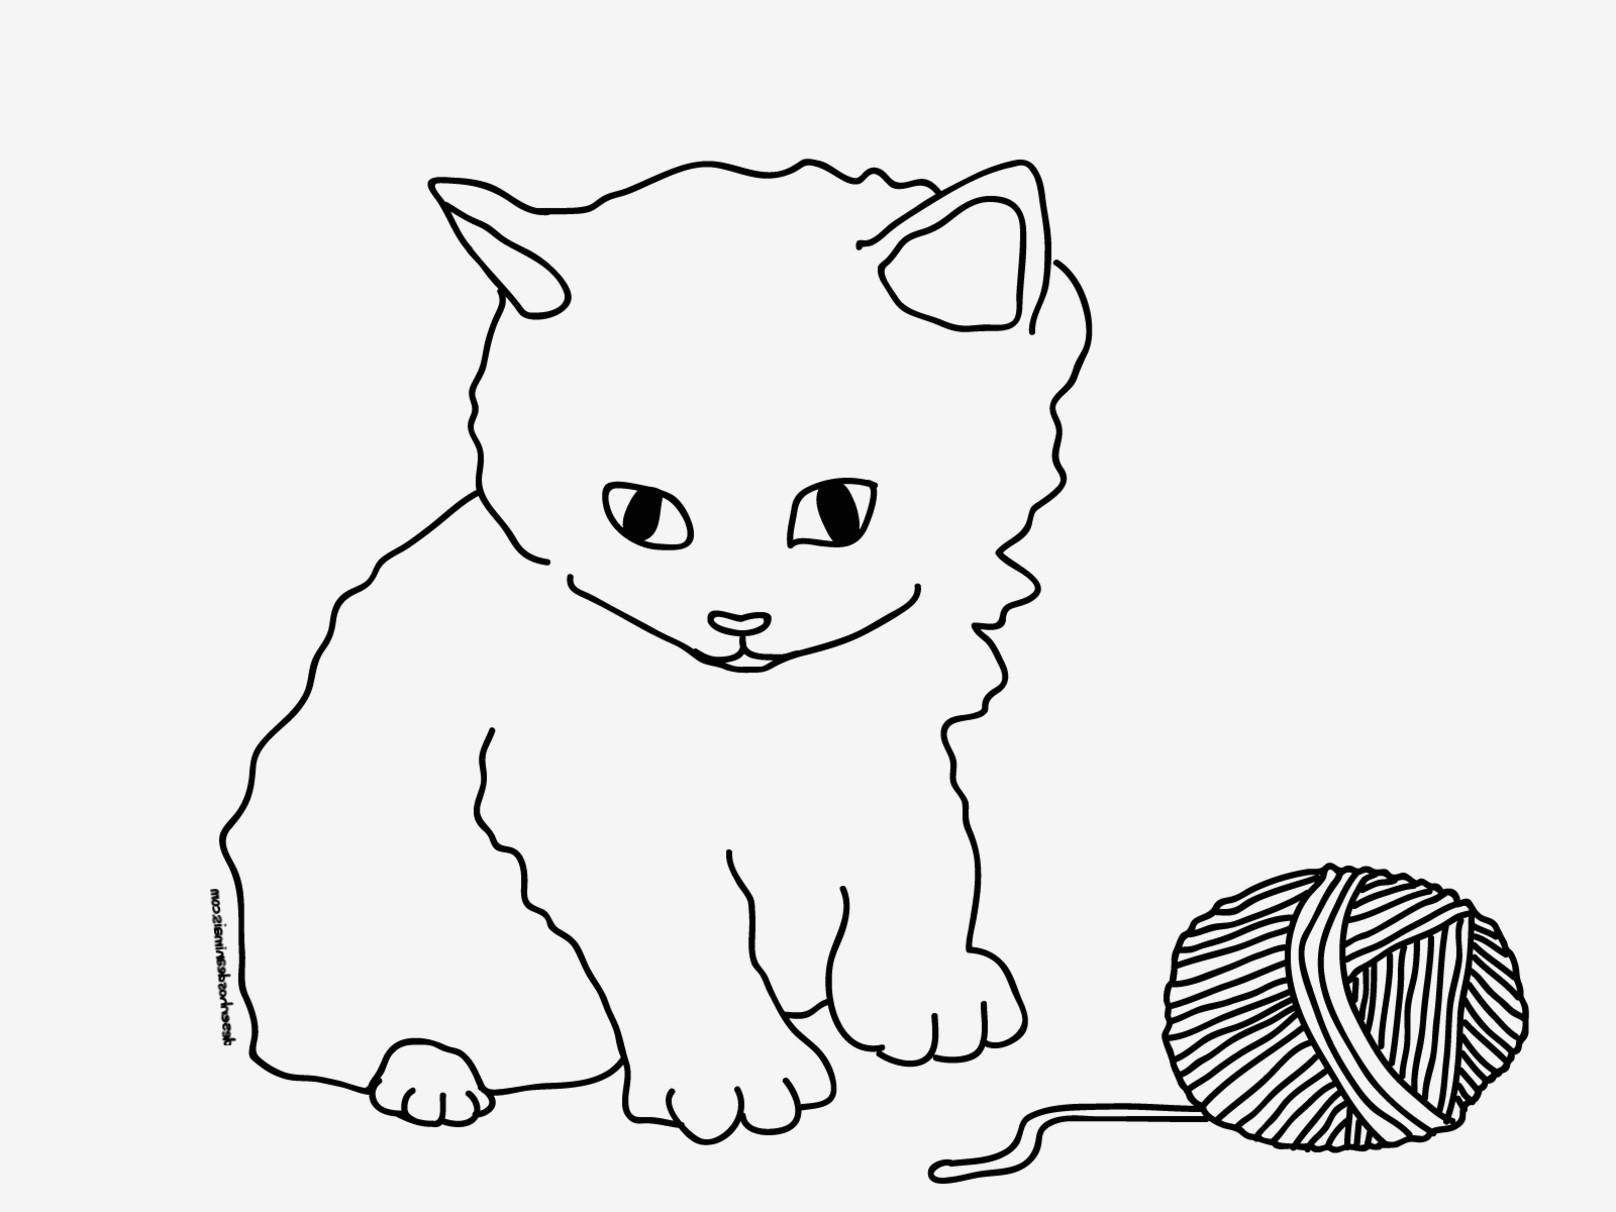 Ausmalbilder Katze Und Hund Genial Bildergalerie & Bilder Zum Ausmalen Ausmalbild Hund Katze Bilder